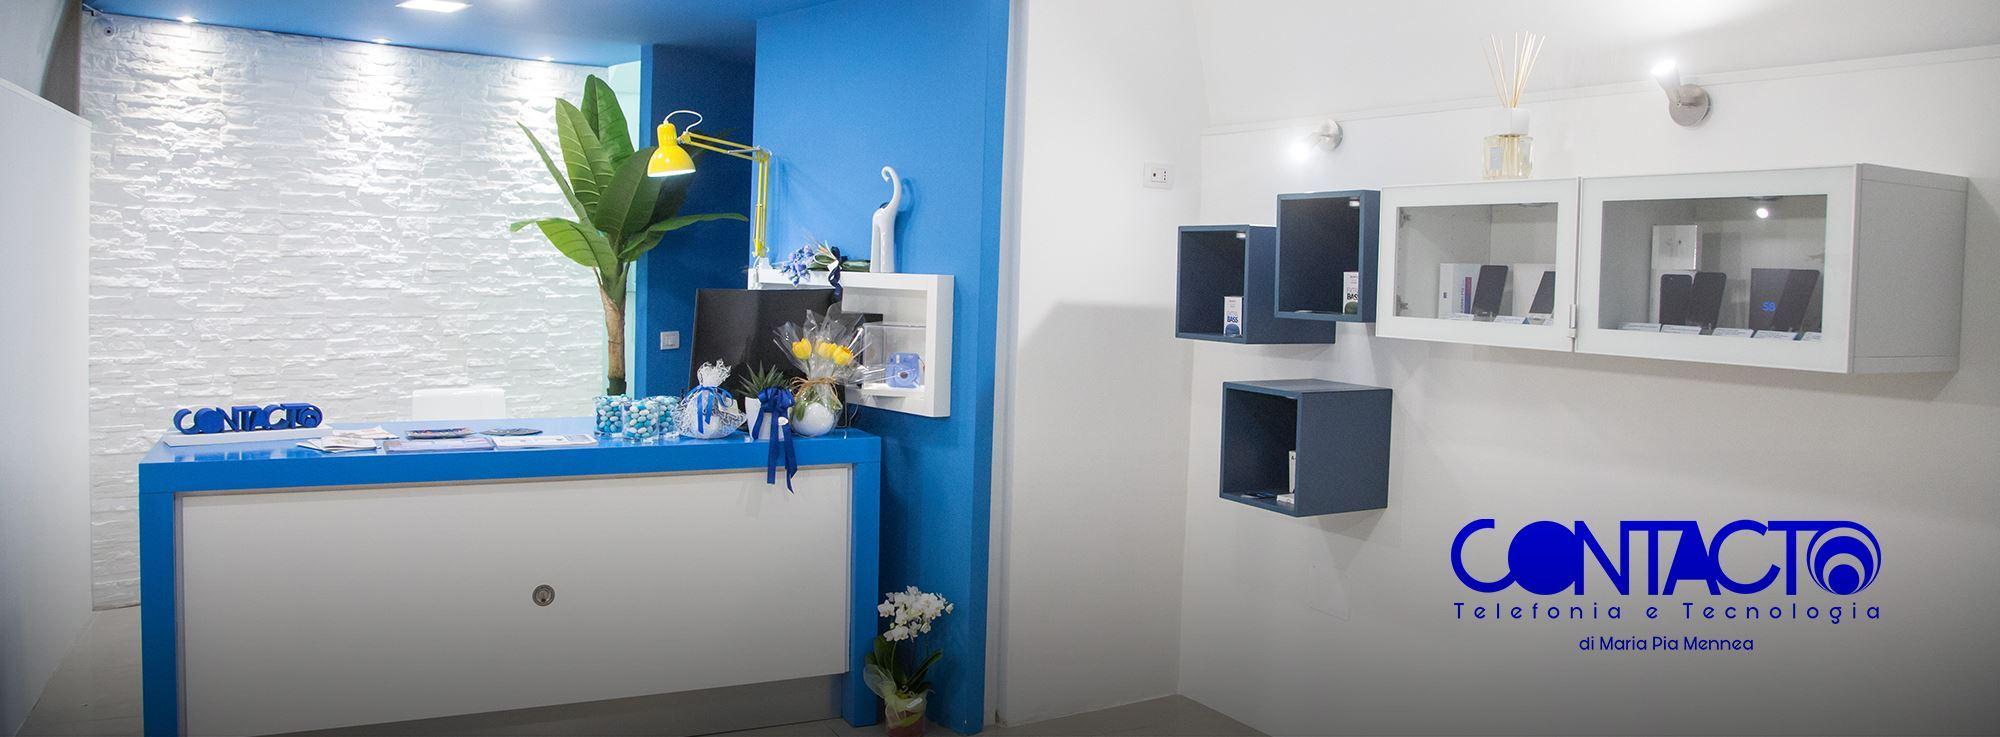 Contacto Store Barletta